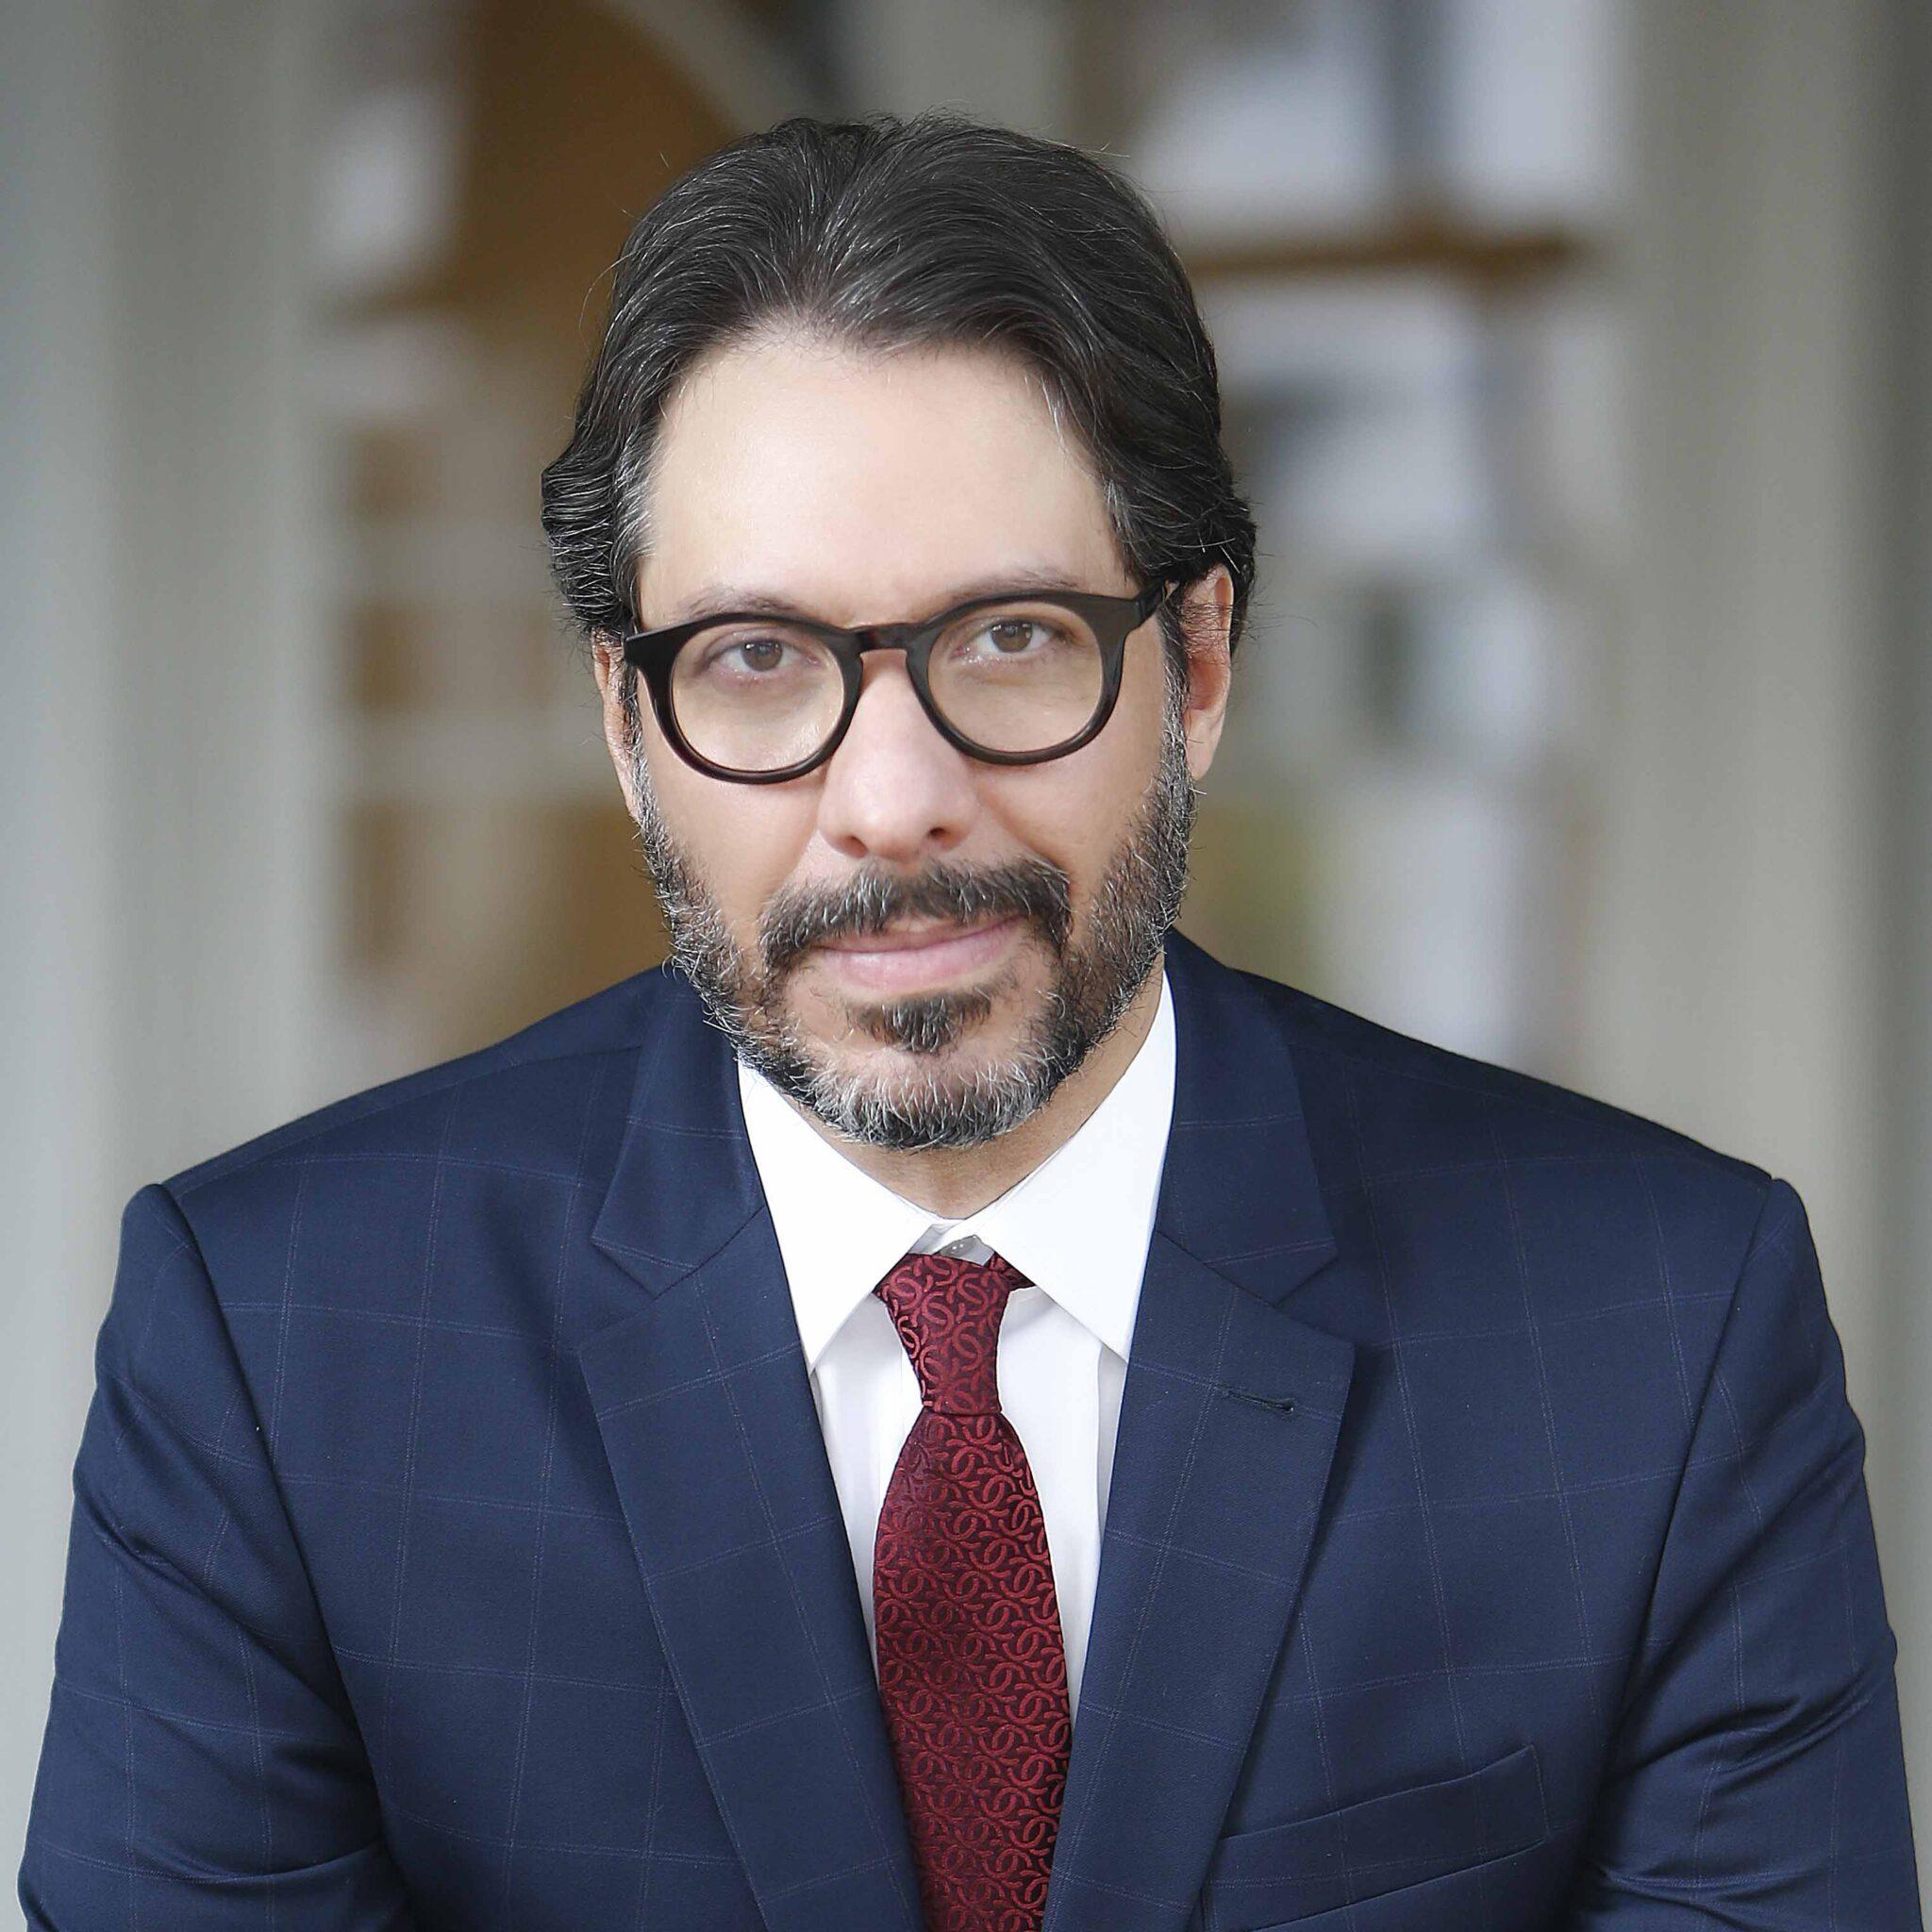 Fernando Vernalha Guimarães